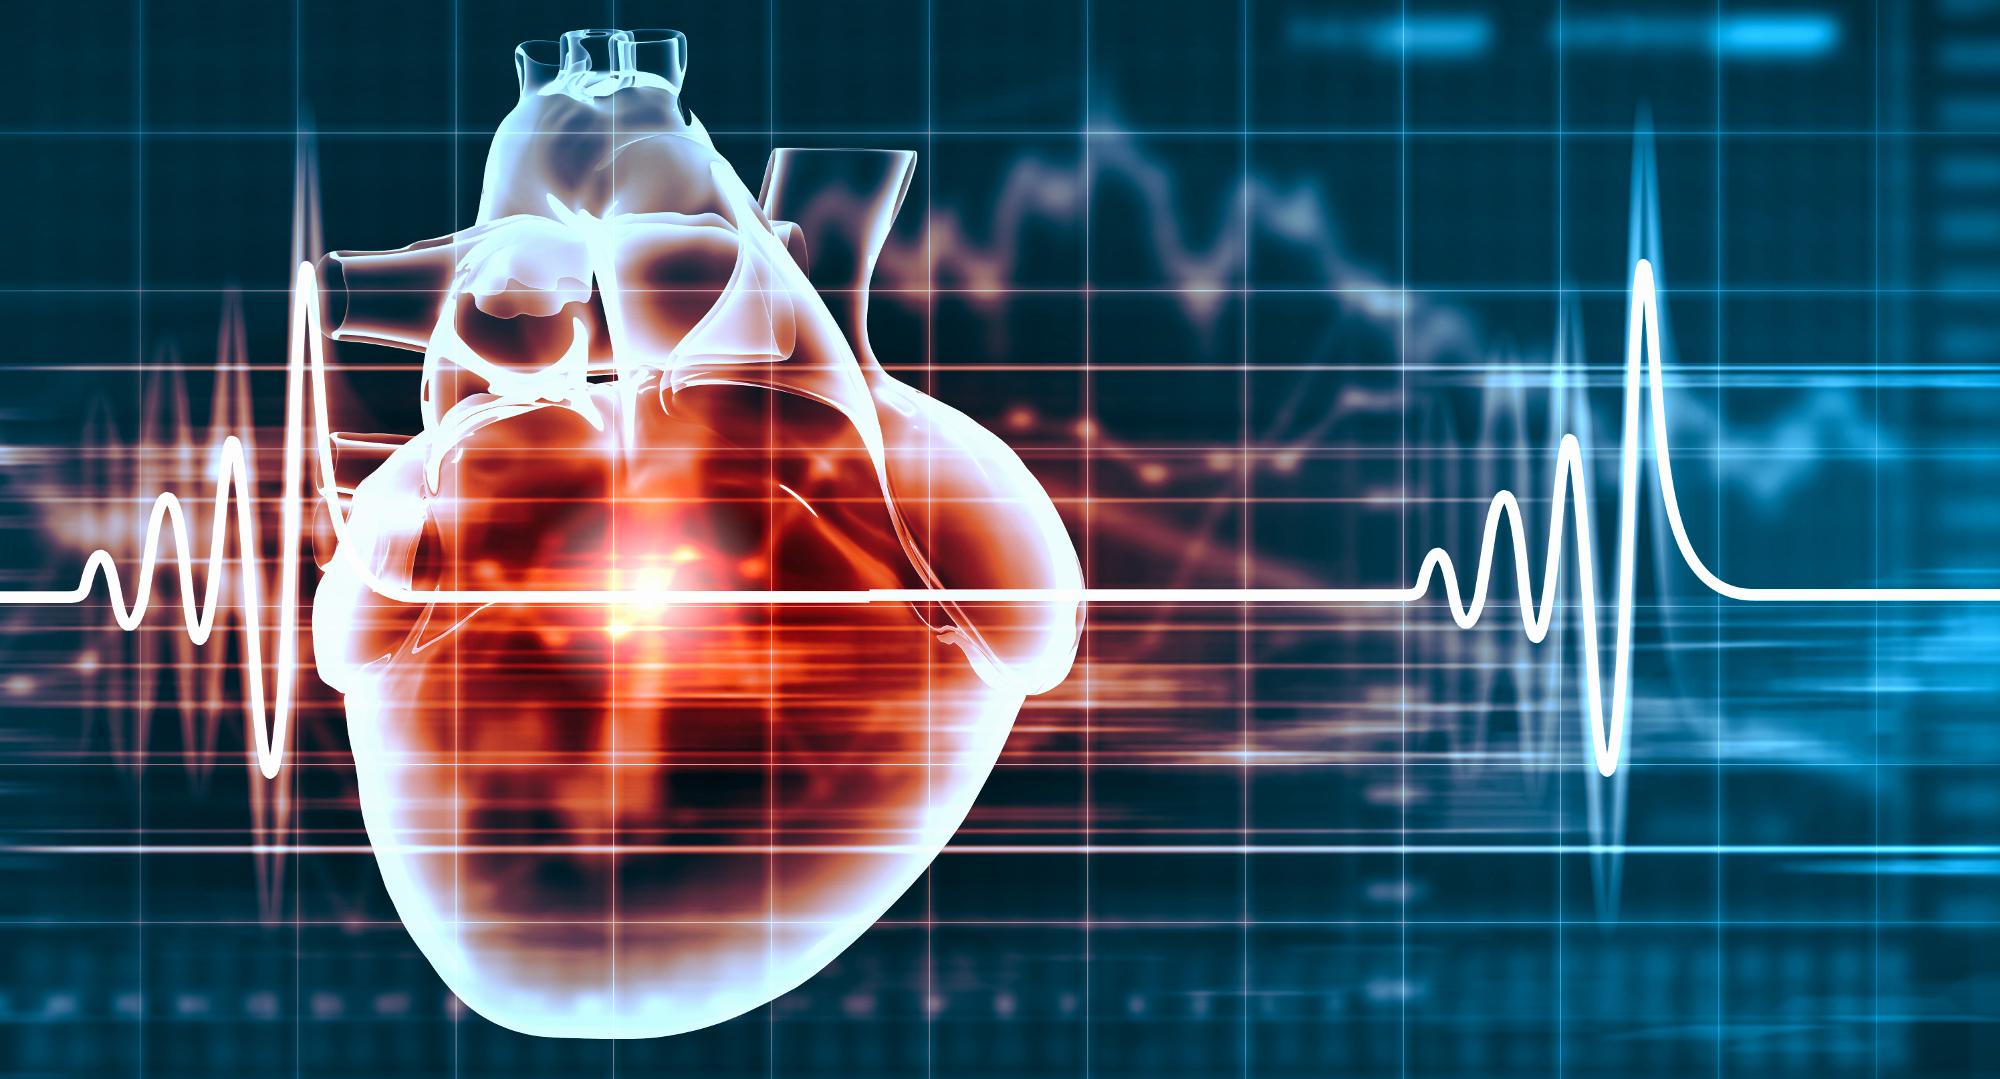 ElectroMap un nuovo software innovativo che può rendere più facile individuare malattie cardiache potenzialmente letali e portare a miglioramenti